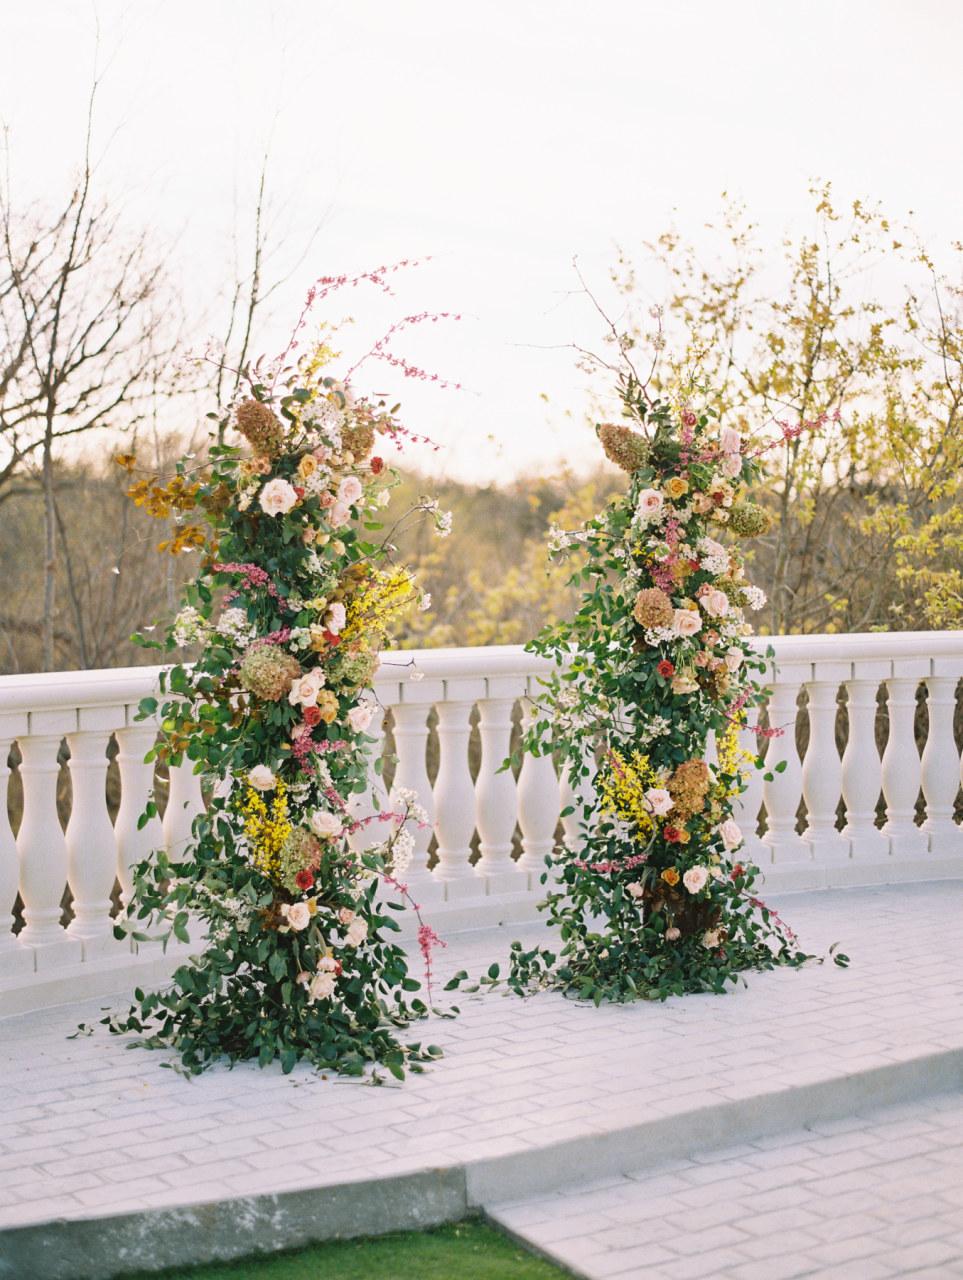 Alba Dahlia Floral wedding ceremony arch